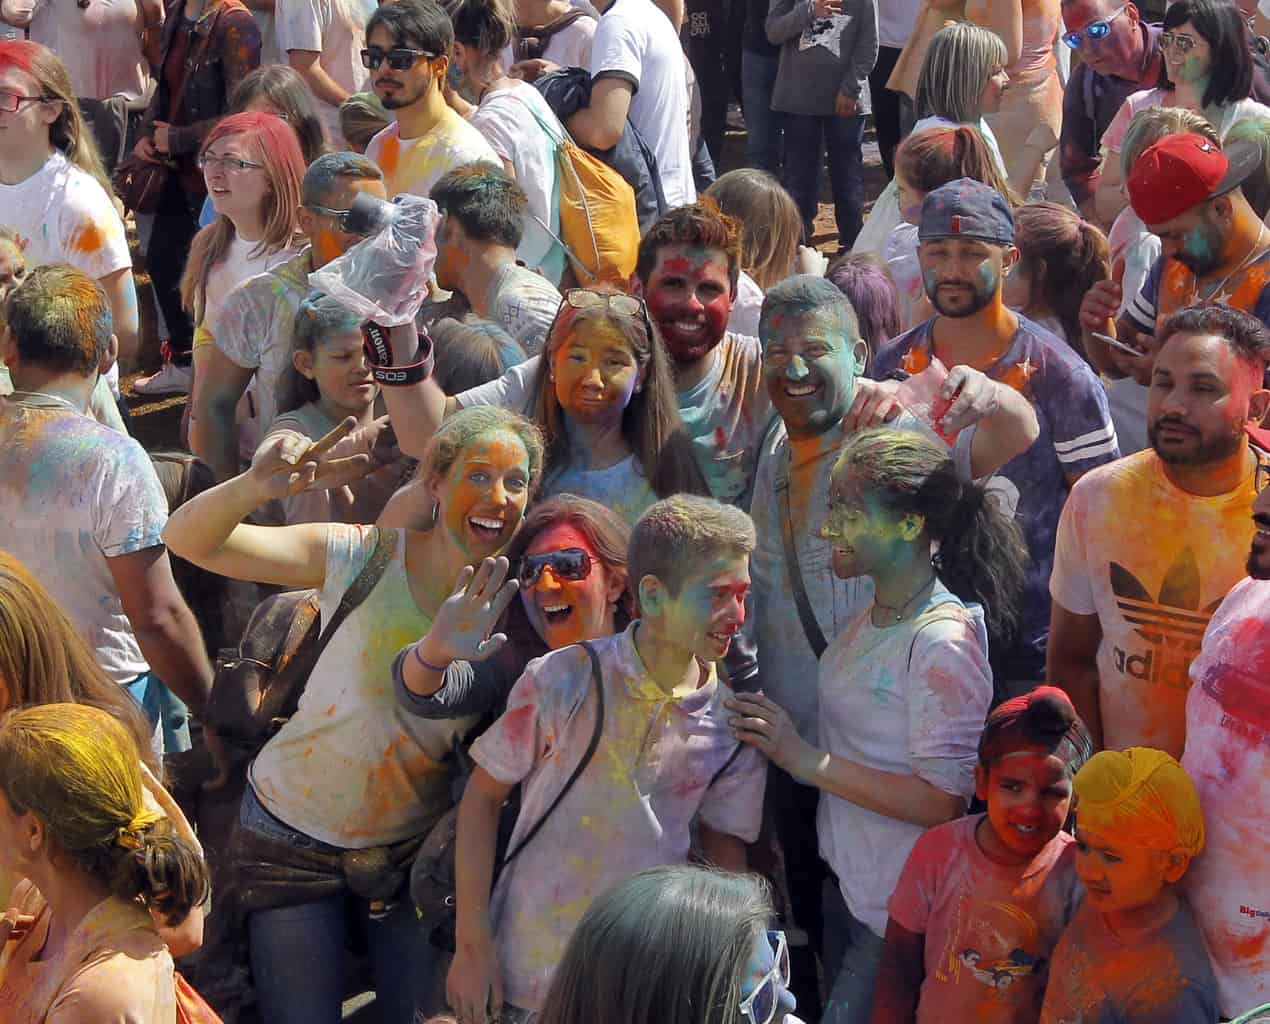 La festa Holi rep aquest diumenge visitants procedents de tot Europa